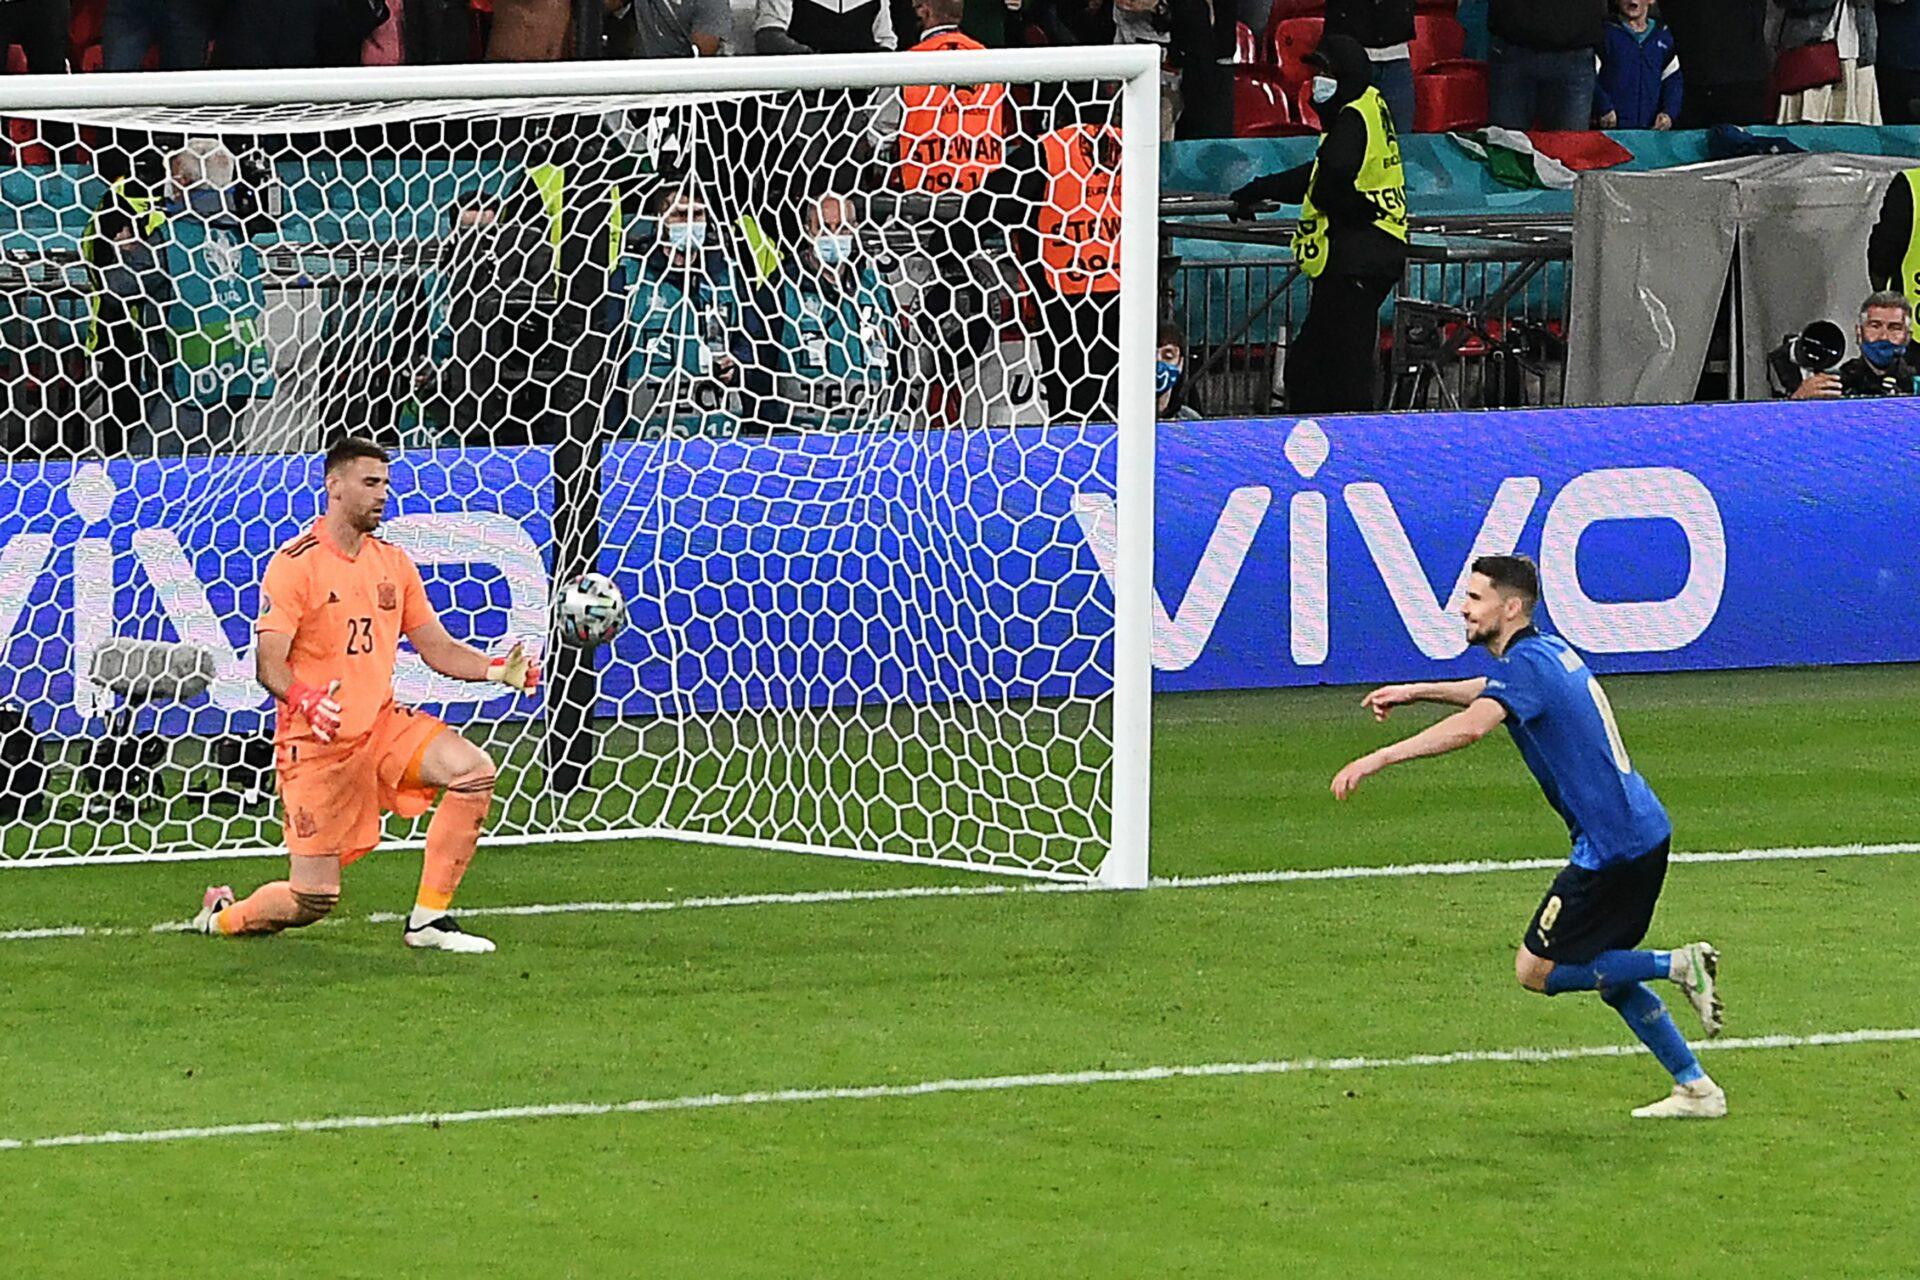 Italia, en la final de la Eurocopa